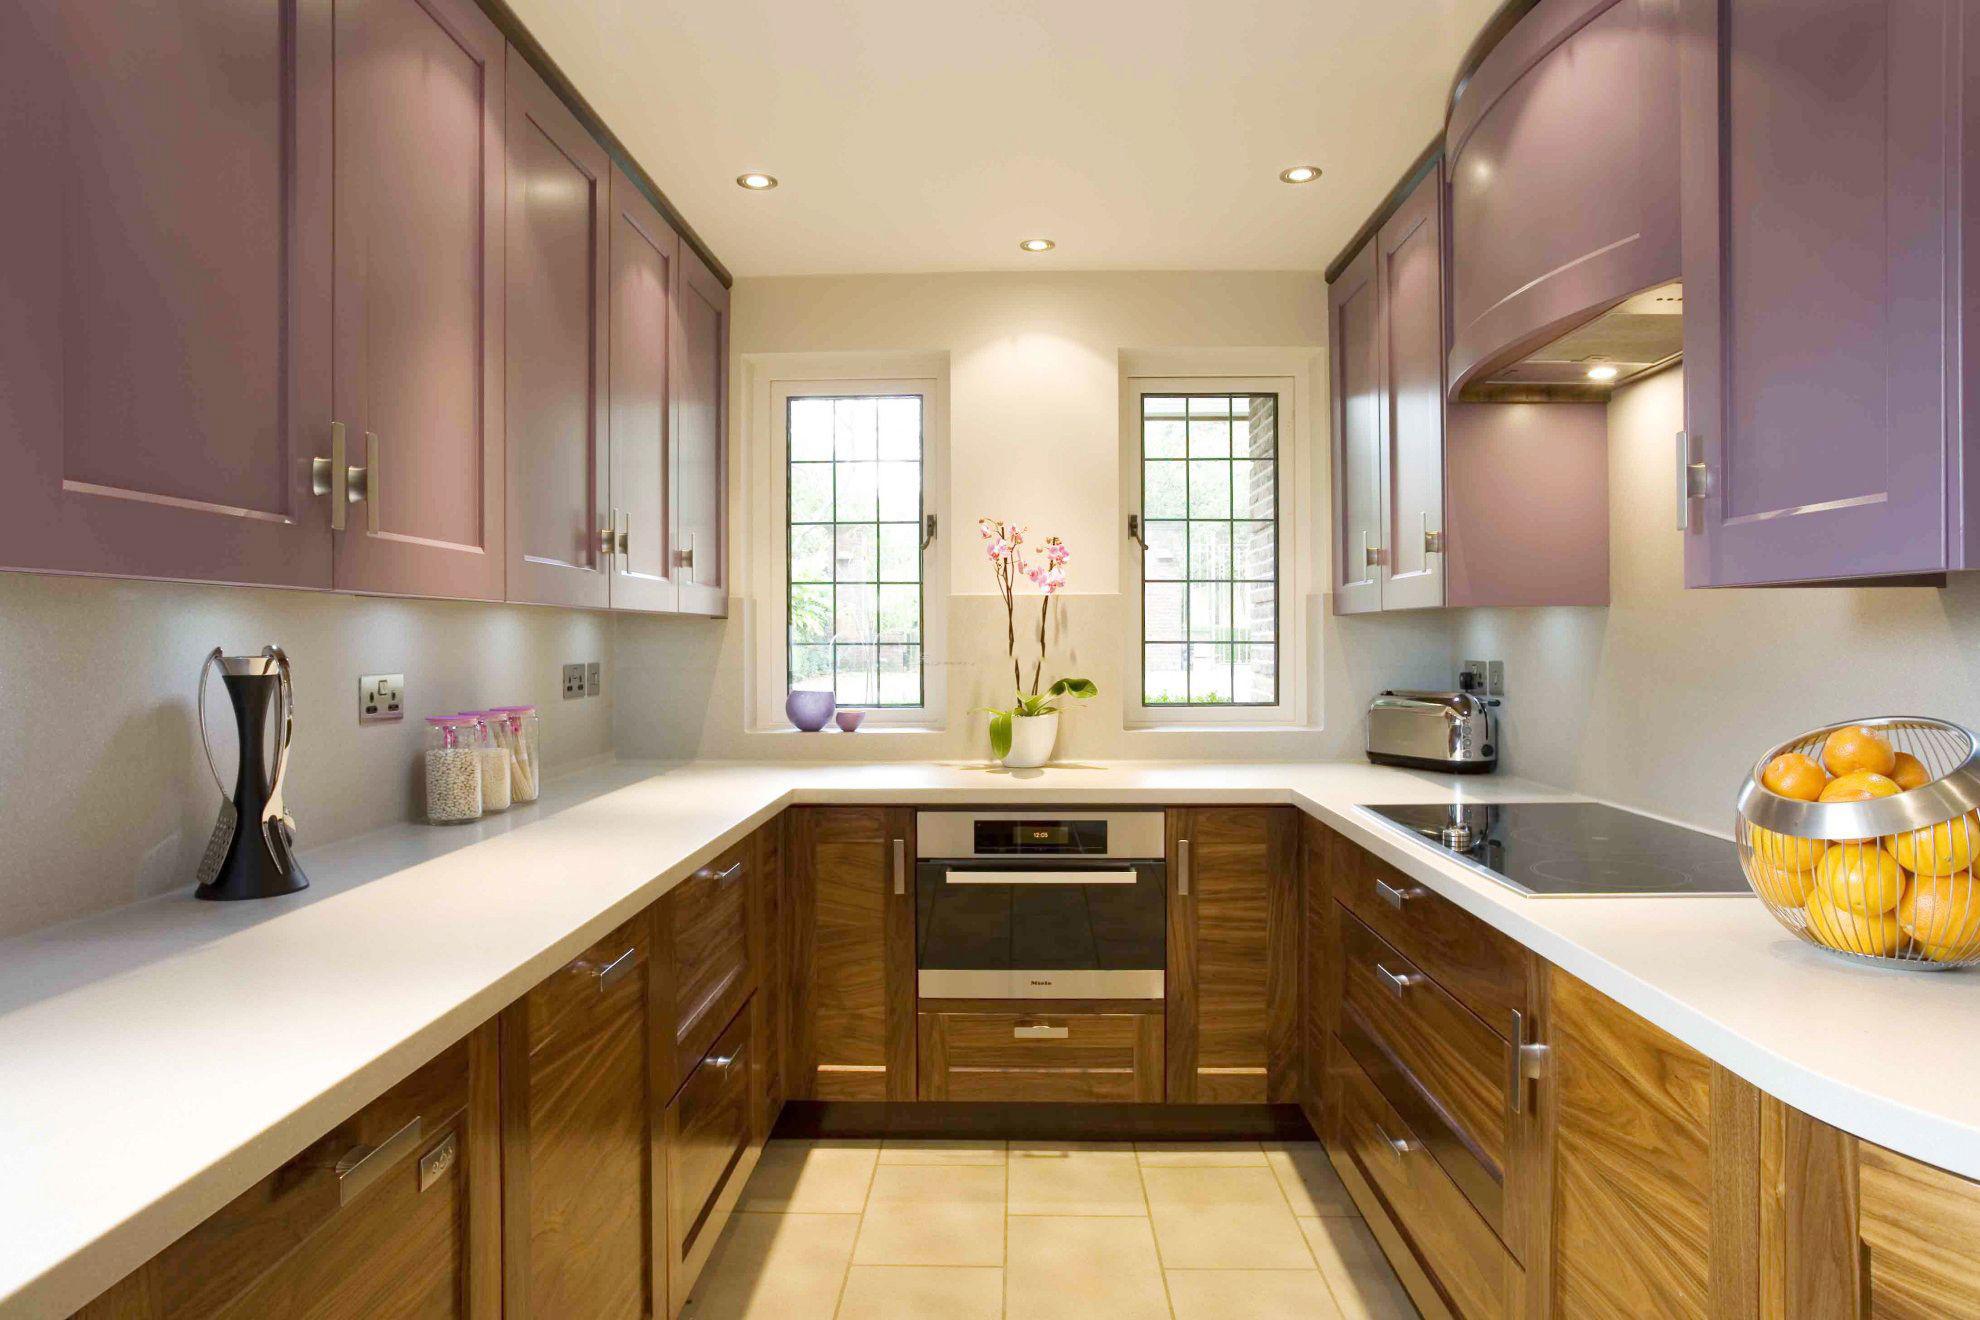 长方形厨房4平米怎么装修效果图